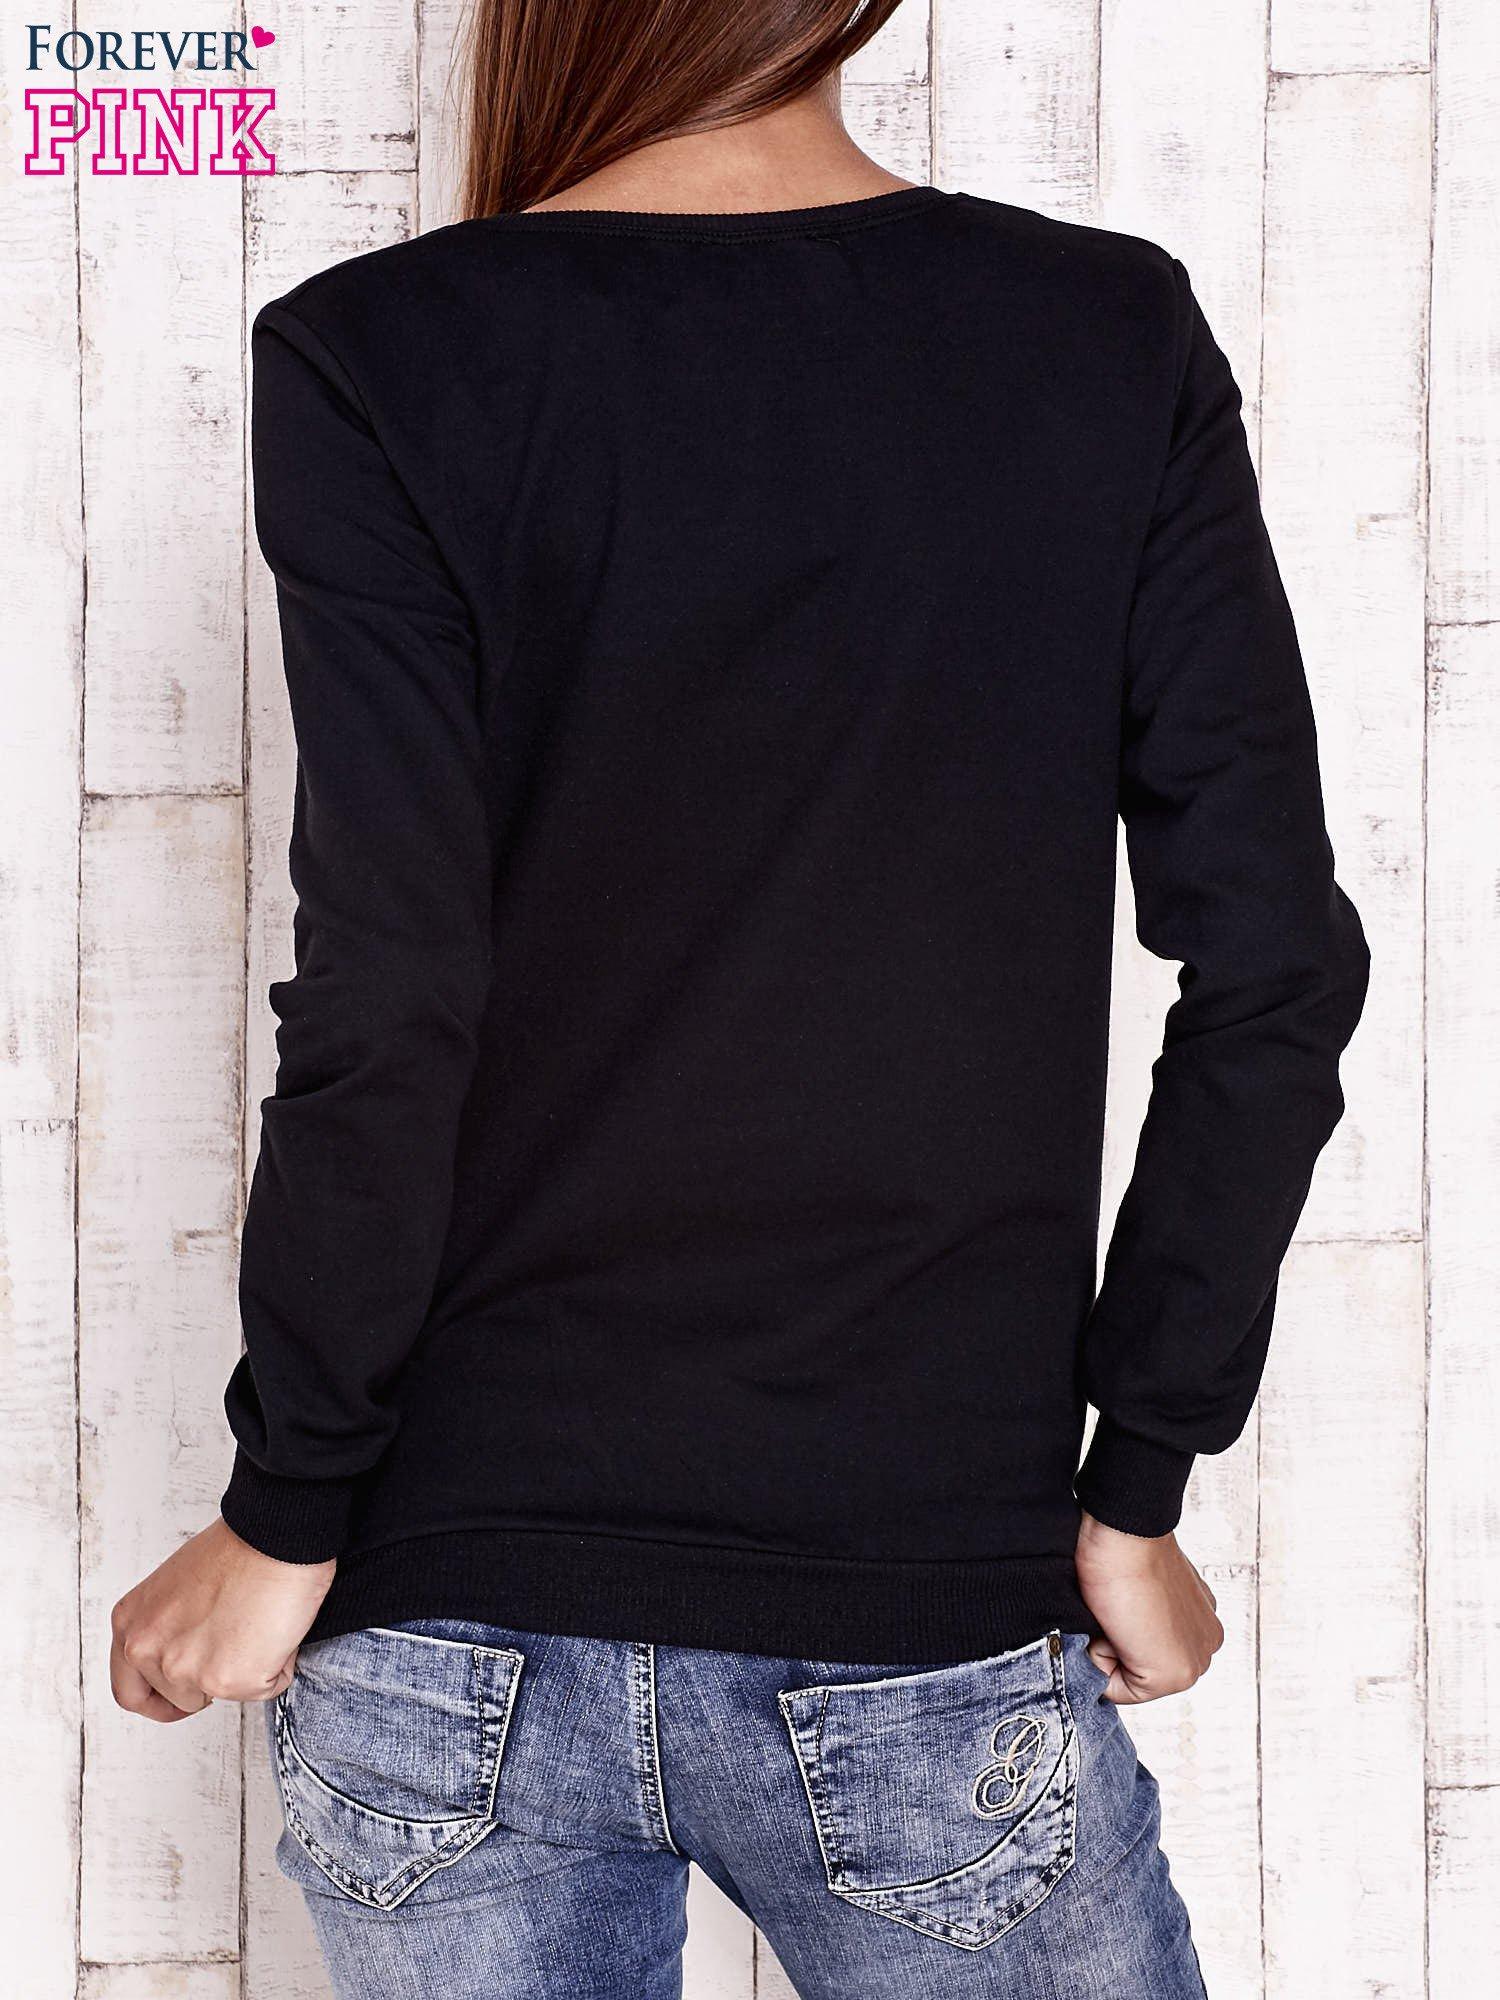 Czarna bluza ze zwierzęcym nadrukiem                                  zdj.                                  4